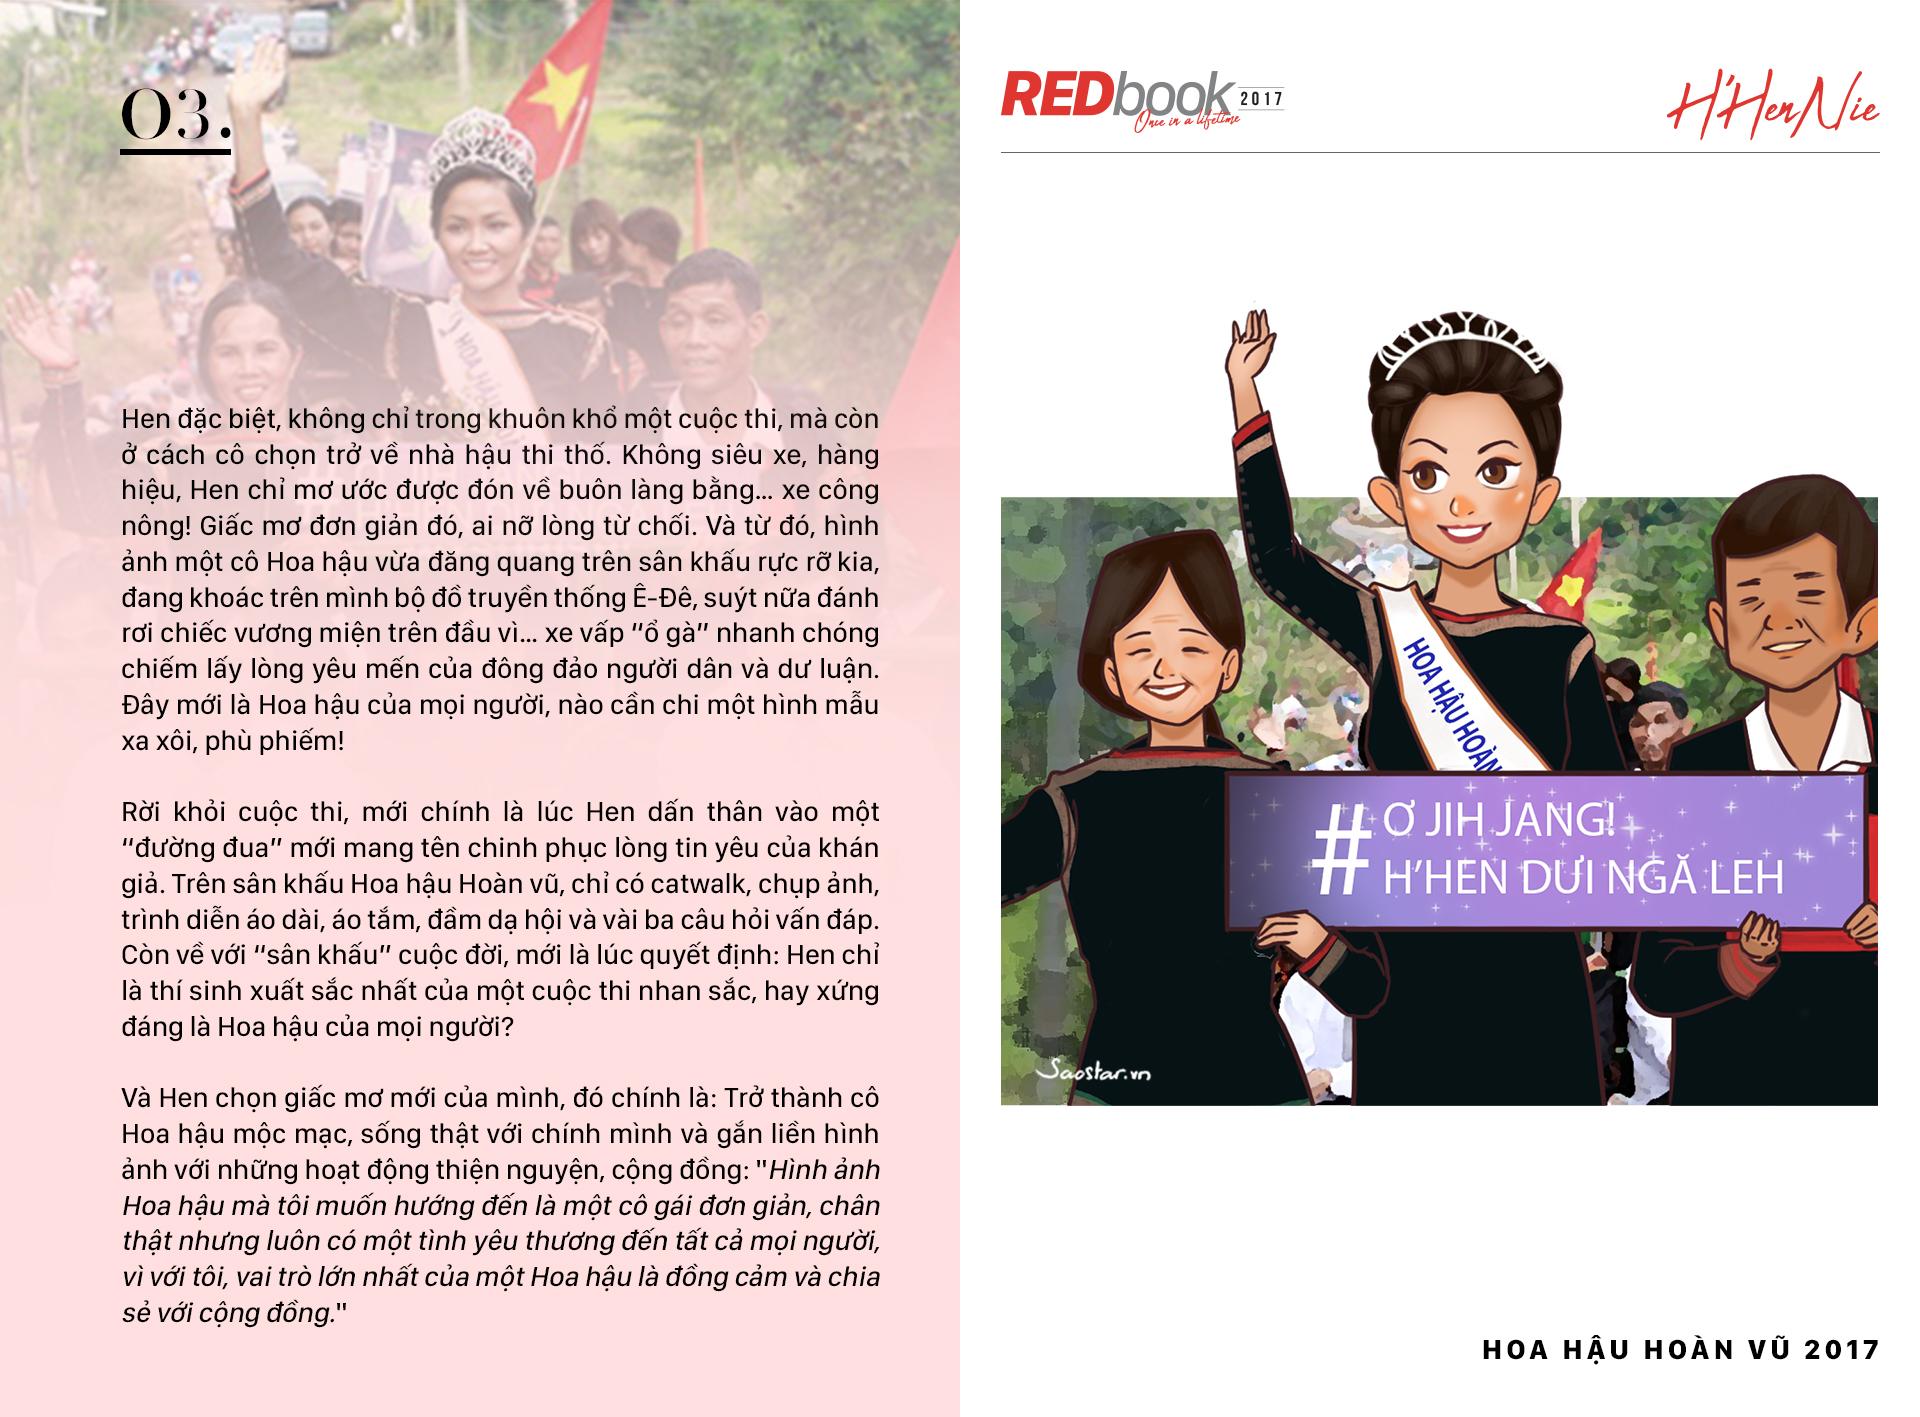 REDbook Tết Mậu Tuất - Ngôi sao mùng 3 Tết: H'Hen Niê